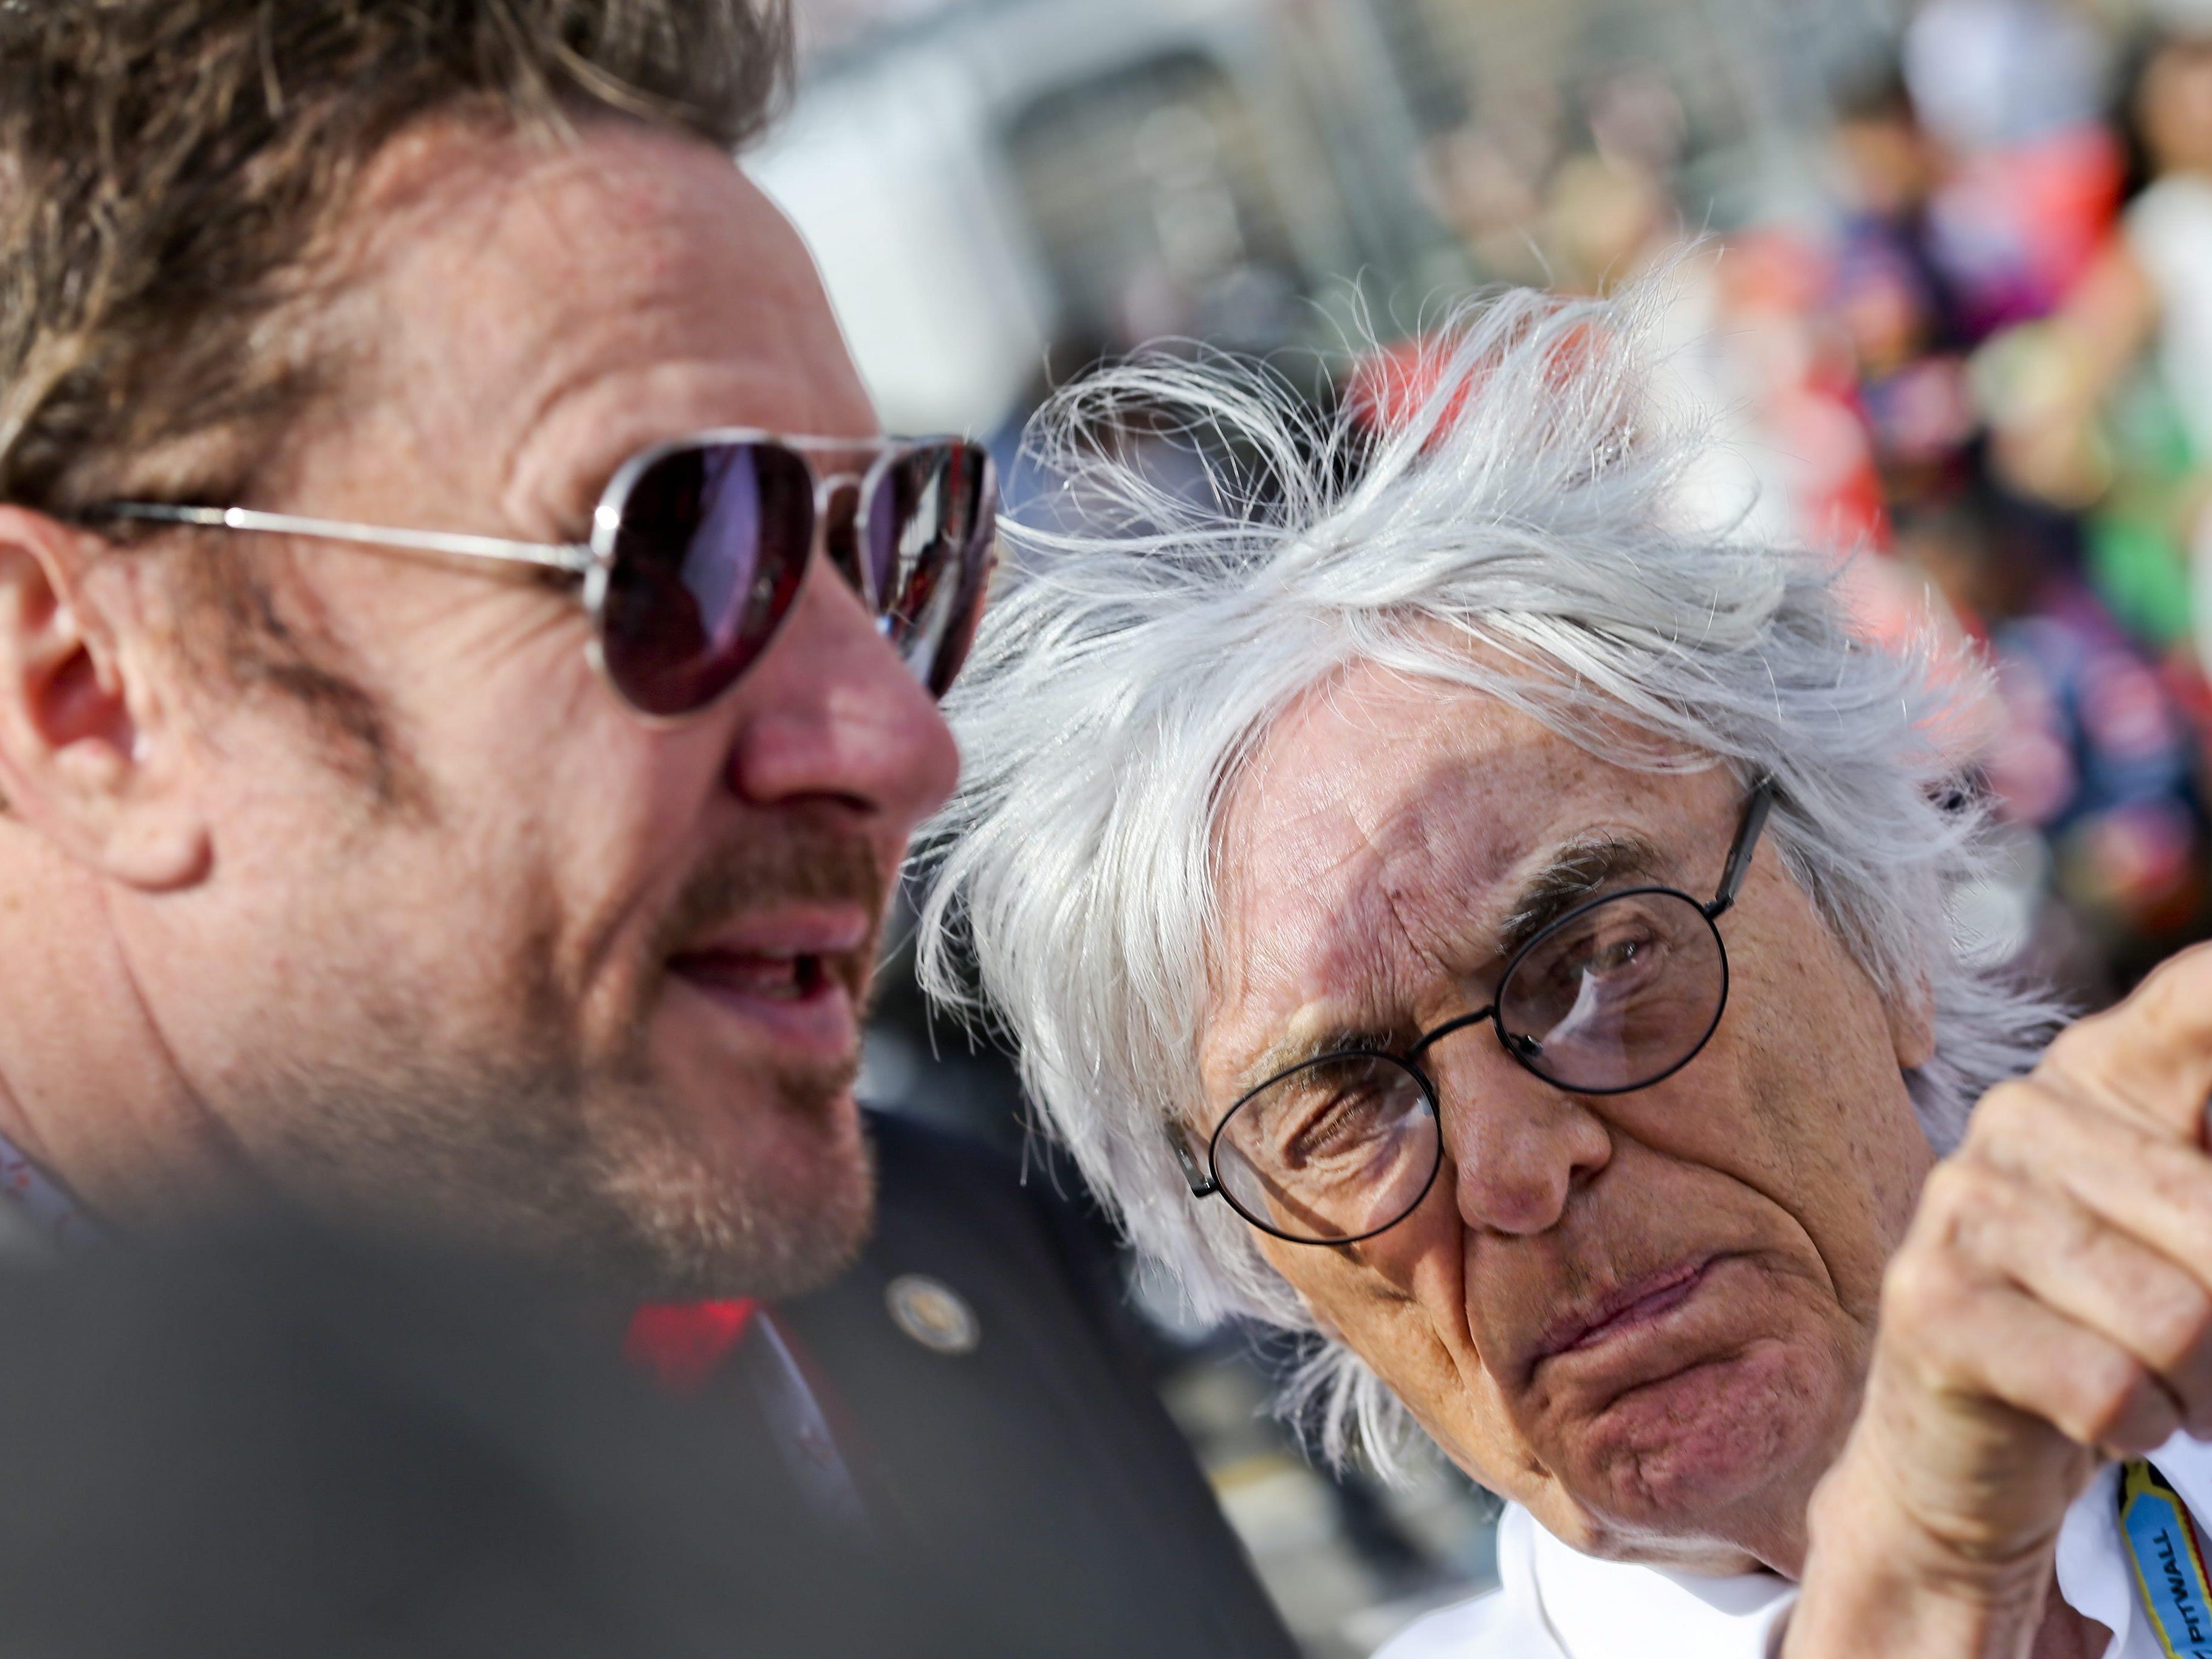 Für die Teams Caterham und Marussia sieht Bernie Ecclestone keine Chance mehr - von einer Krise der Formel 1 will er aber nichts wissen.